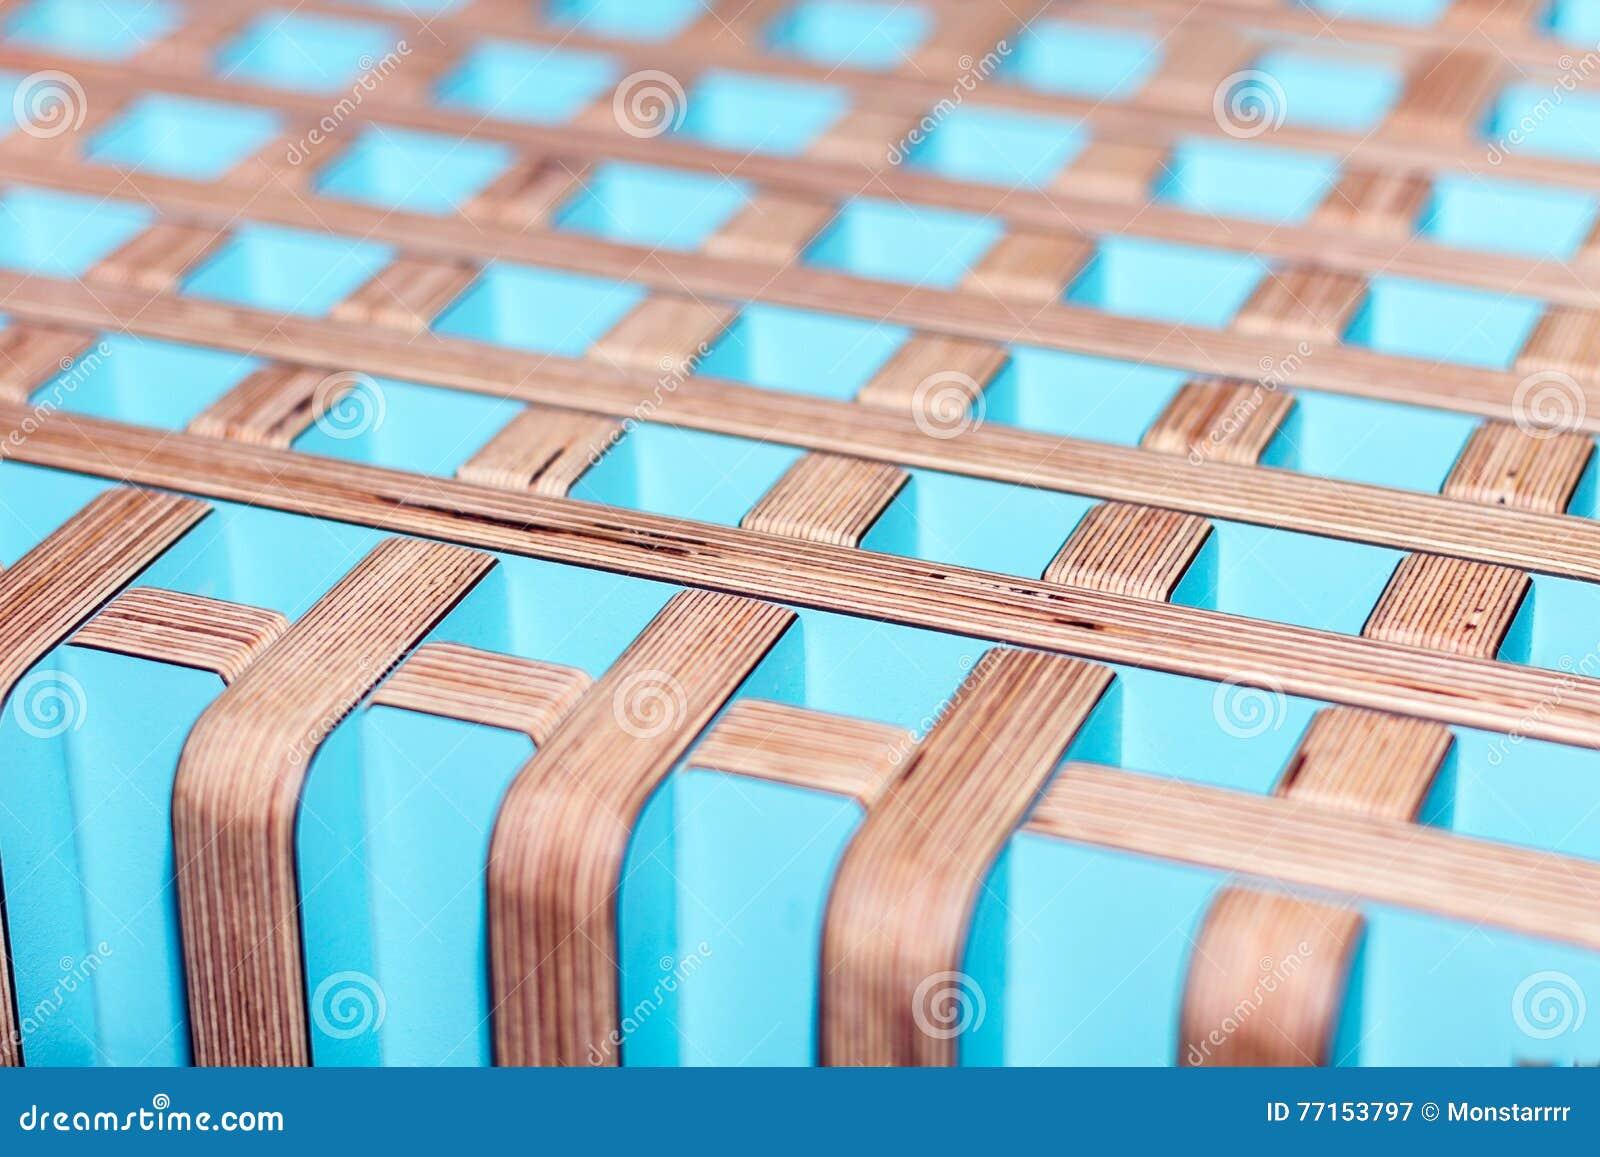 Finition intérieure décorative en bois colorée